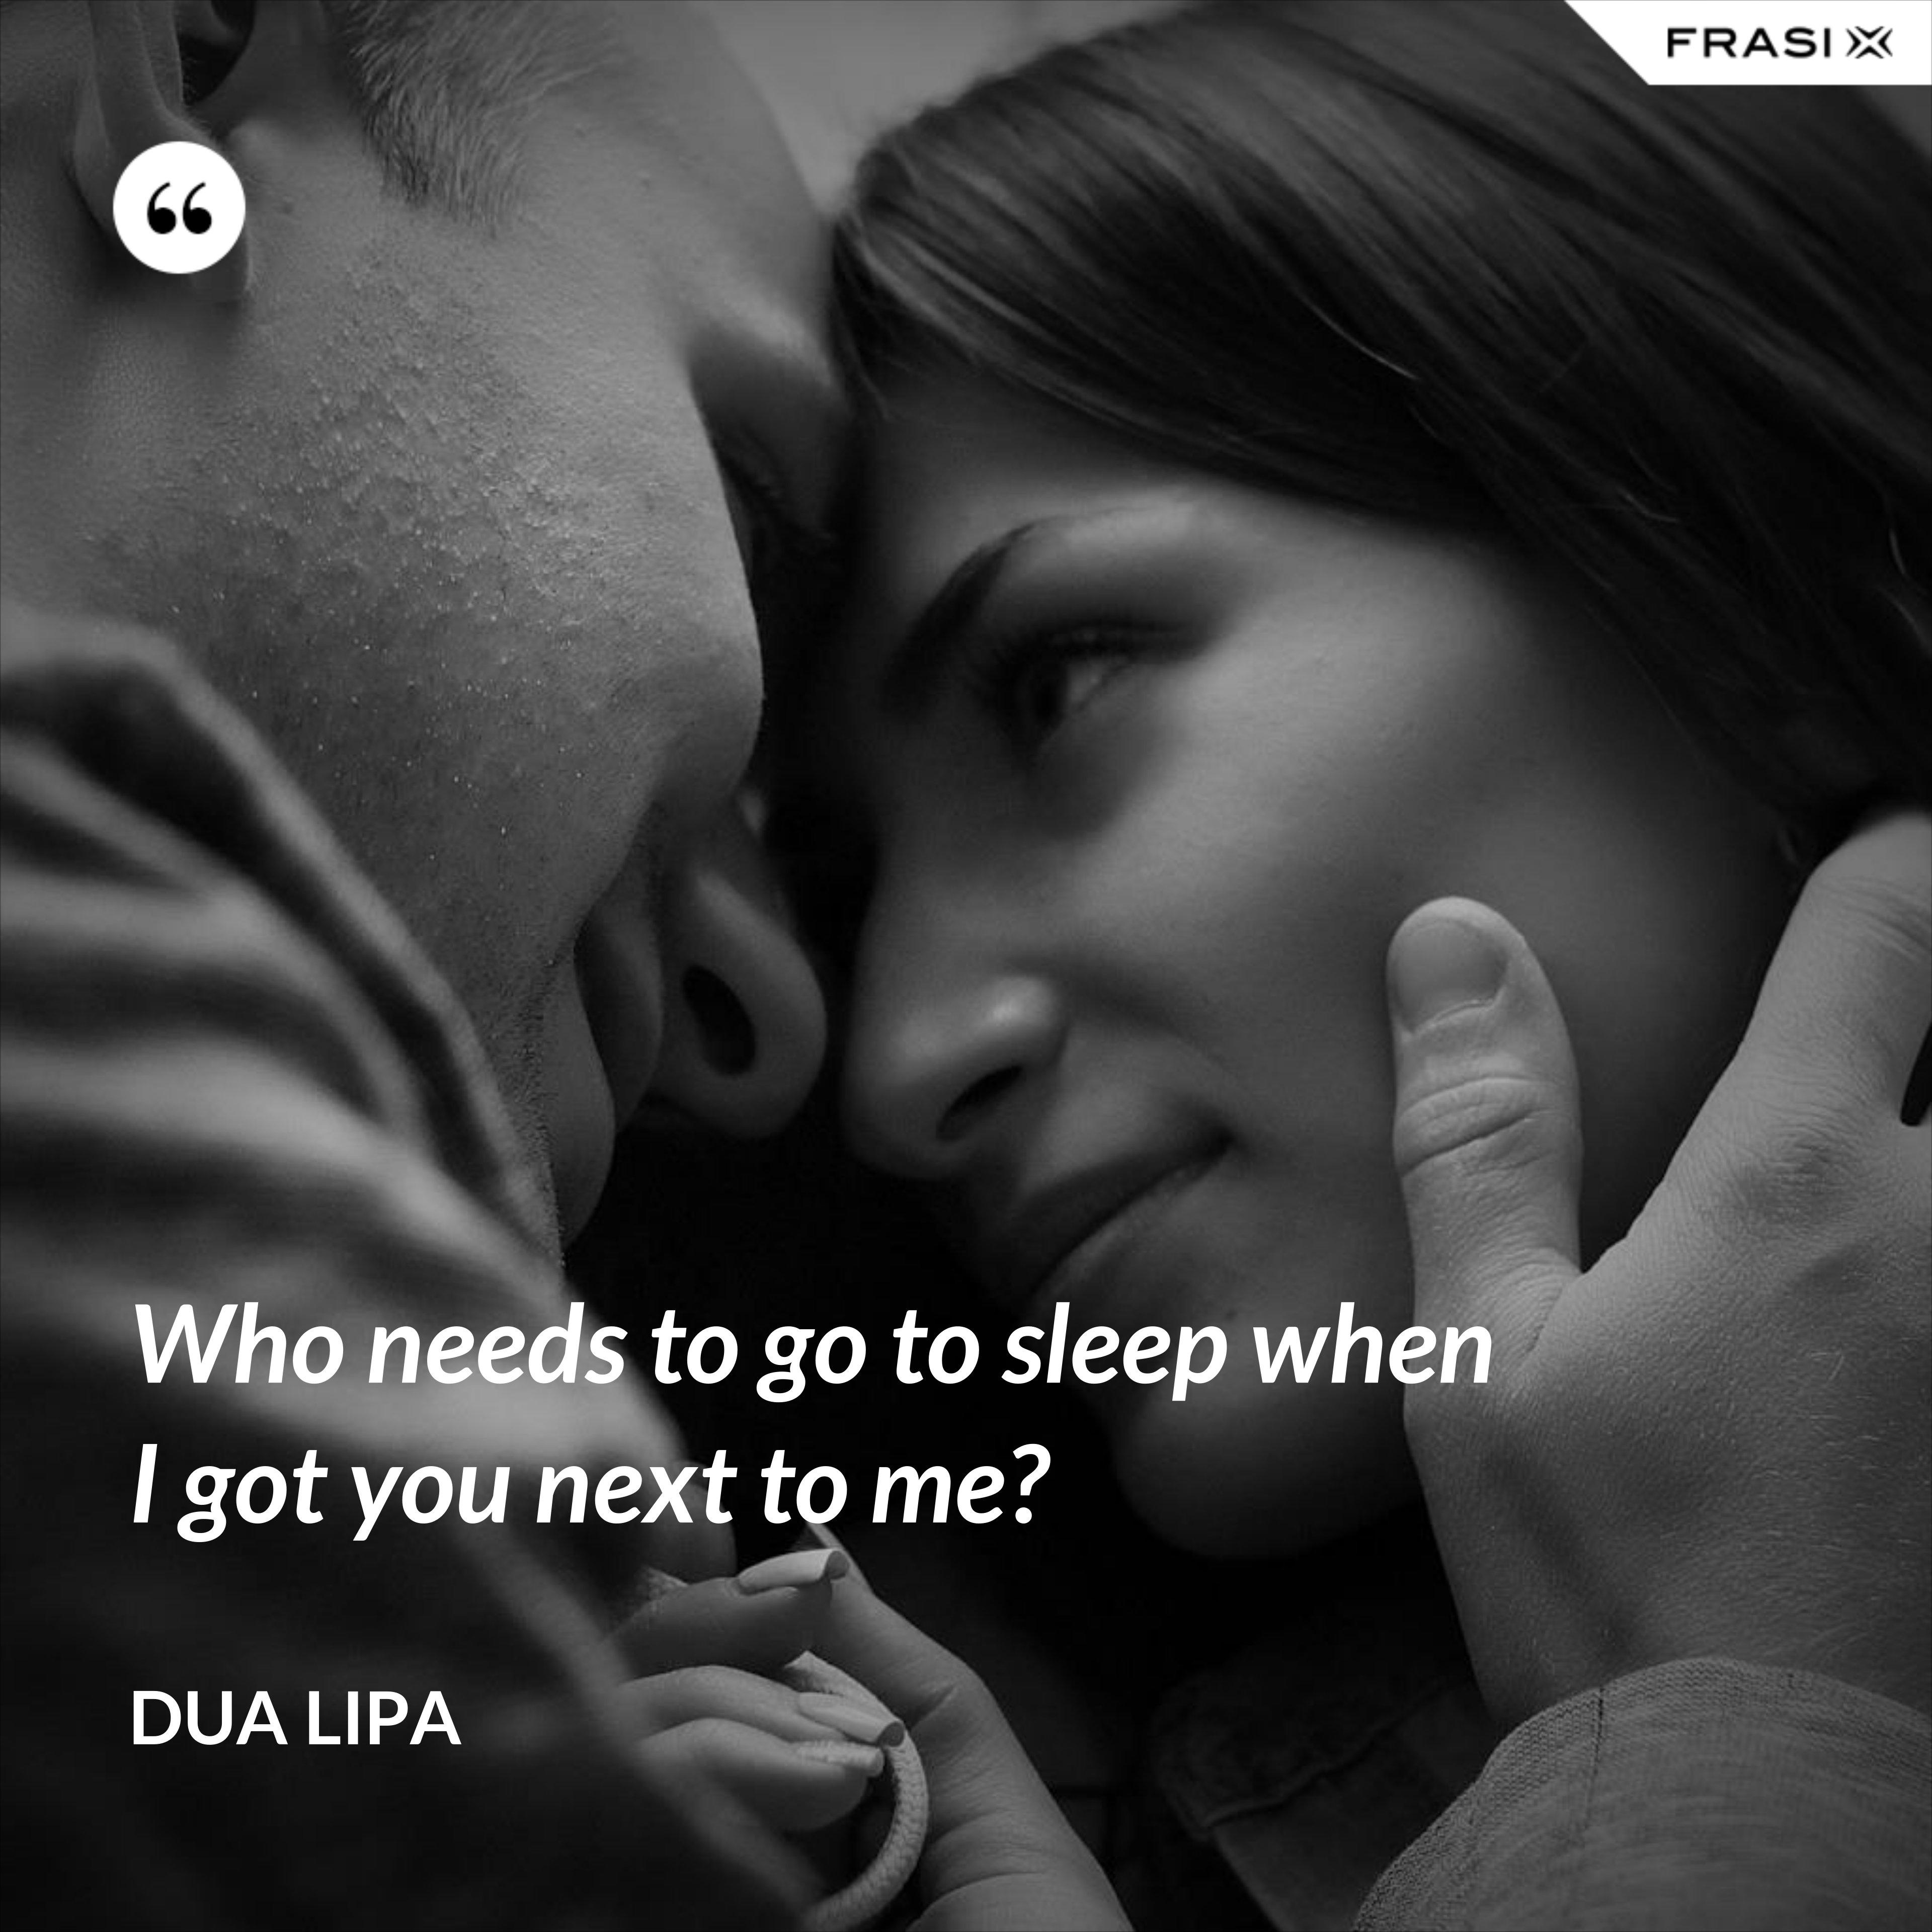 Who needs to go to sleep when I got you next to me? - Dua Lipa